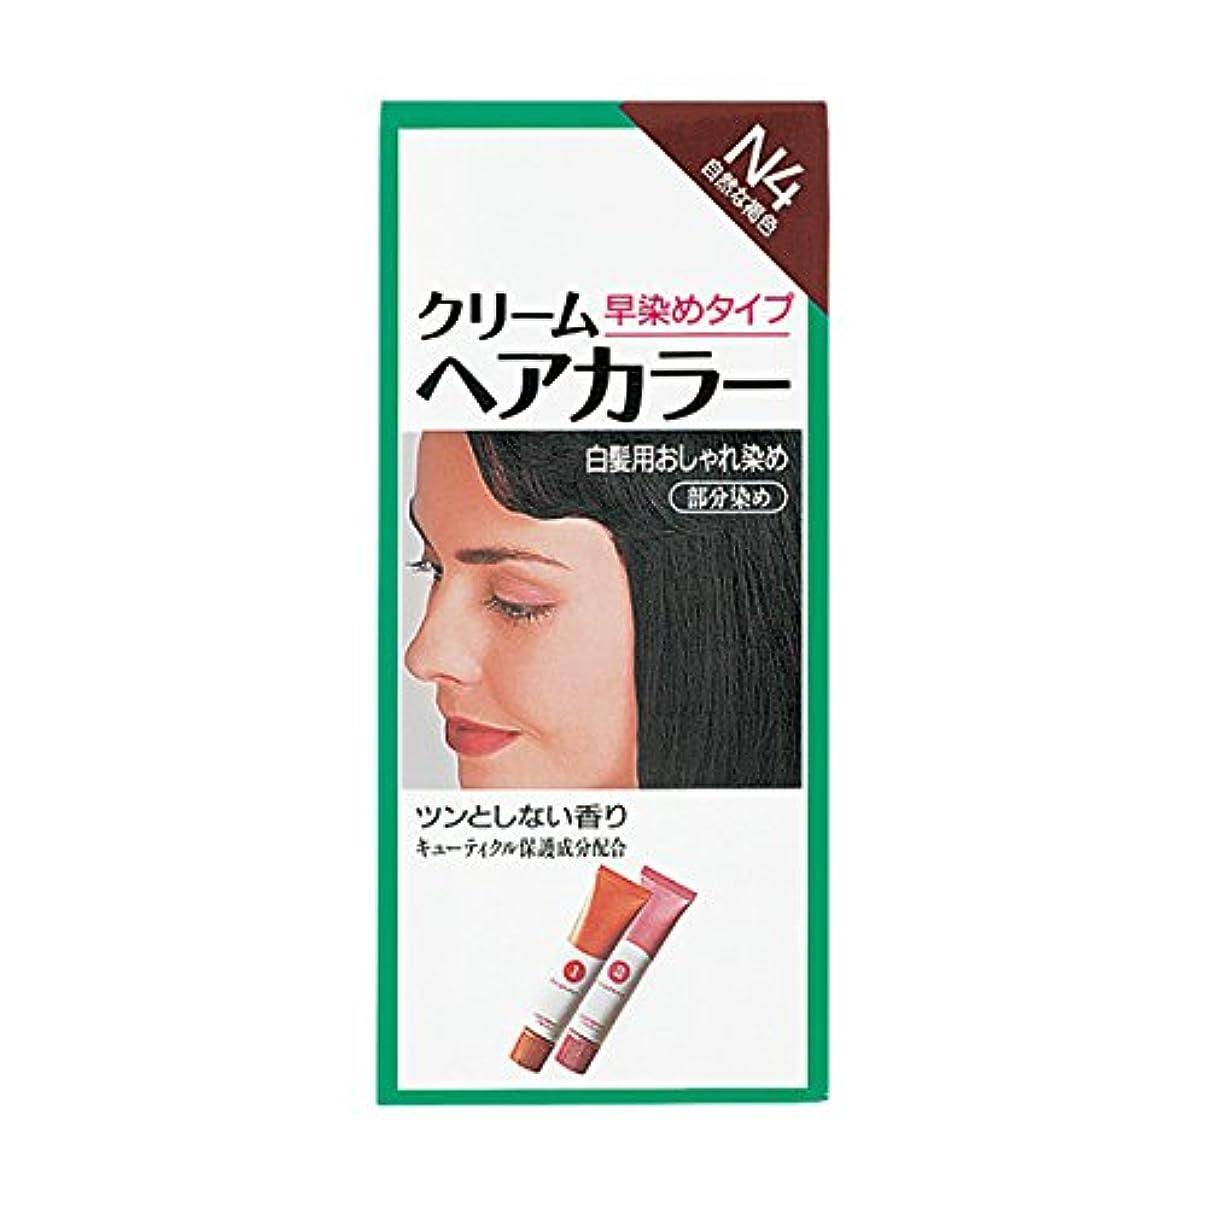 覚えている祝福焼くヘアカラー クリームヘアカラーN N4 【医薬部外品】